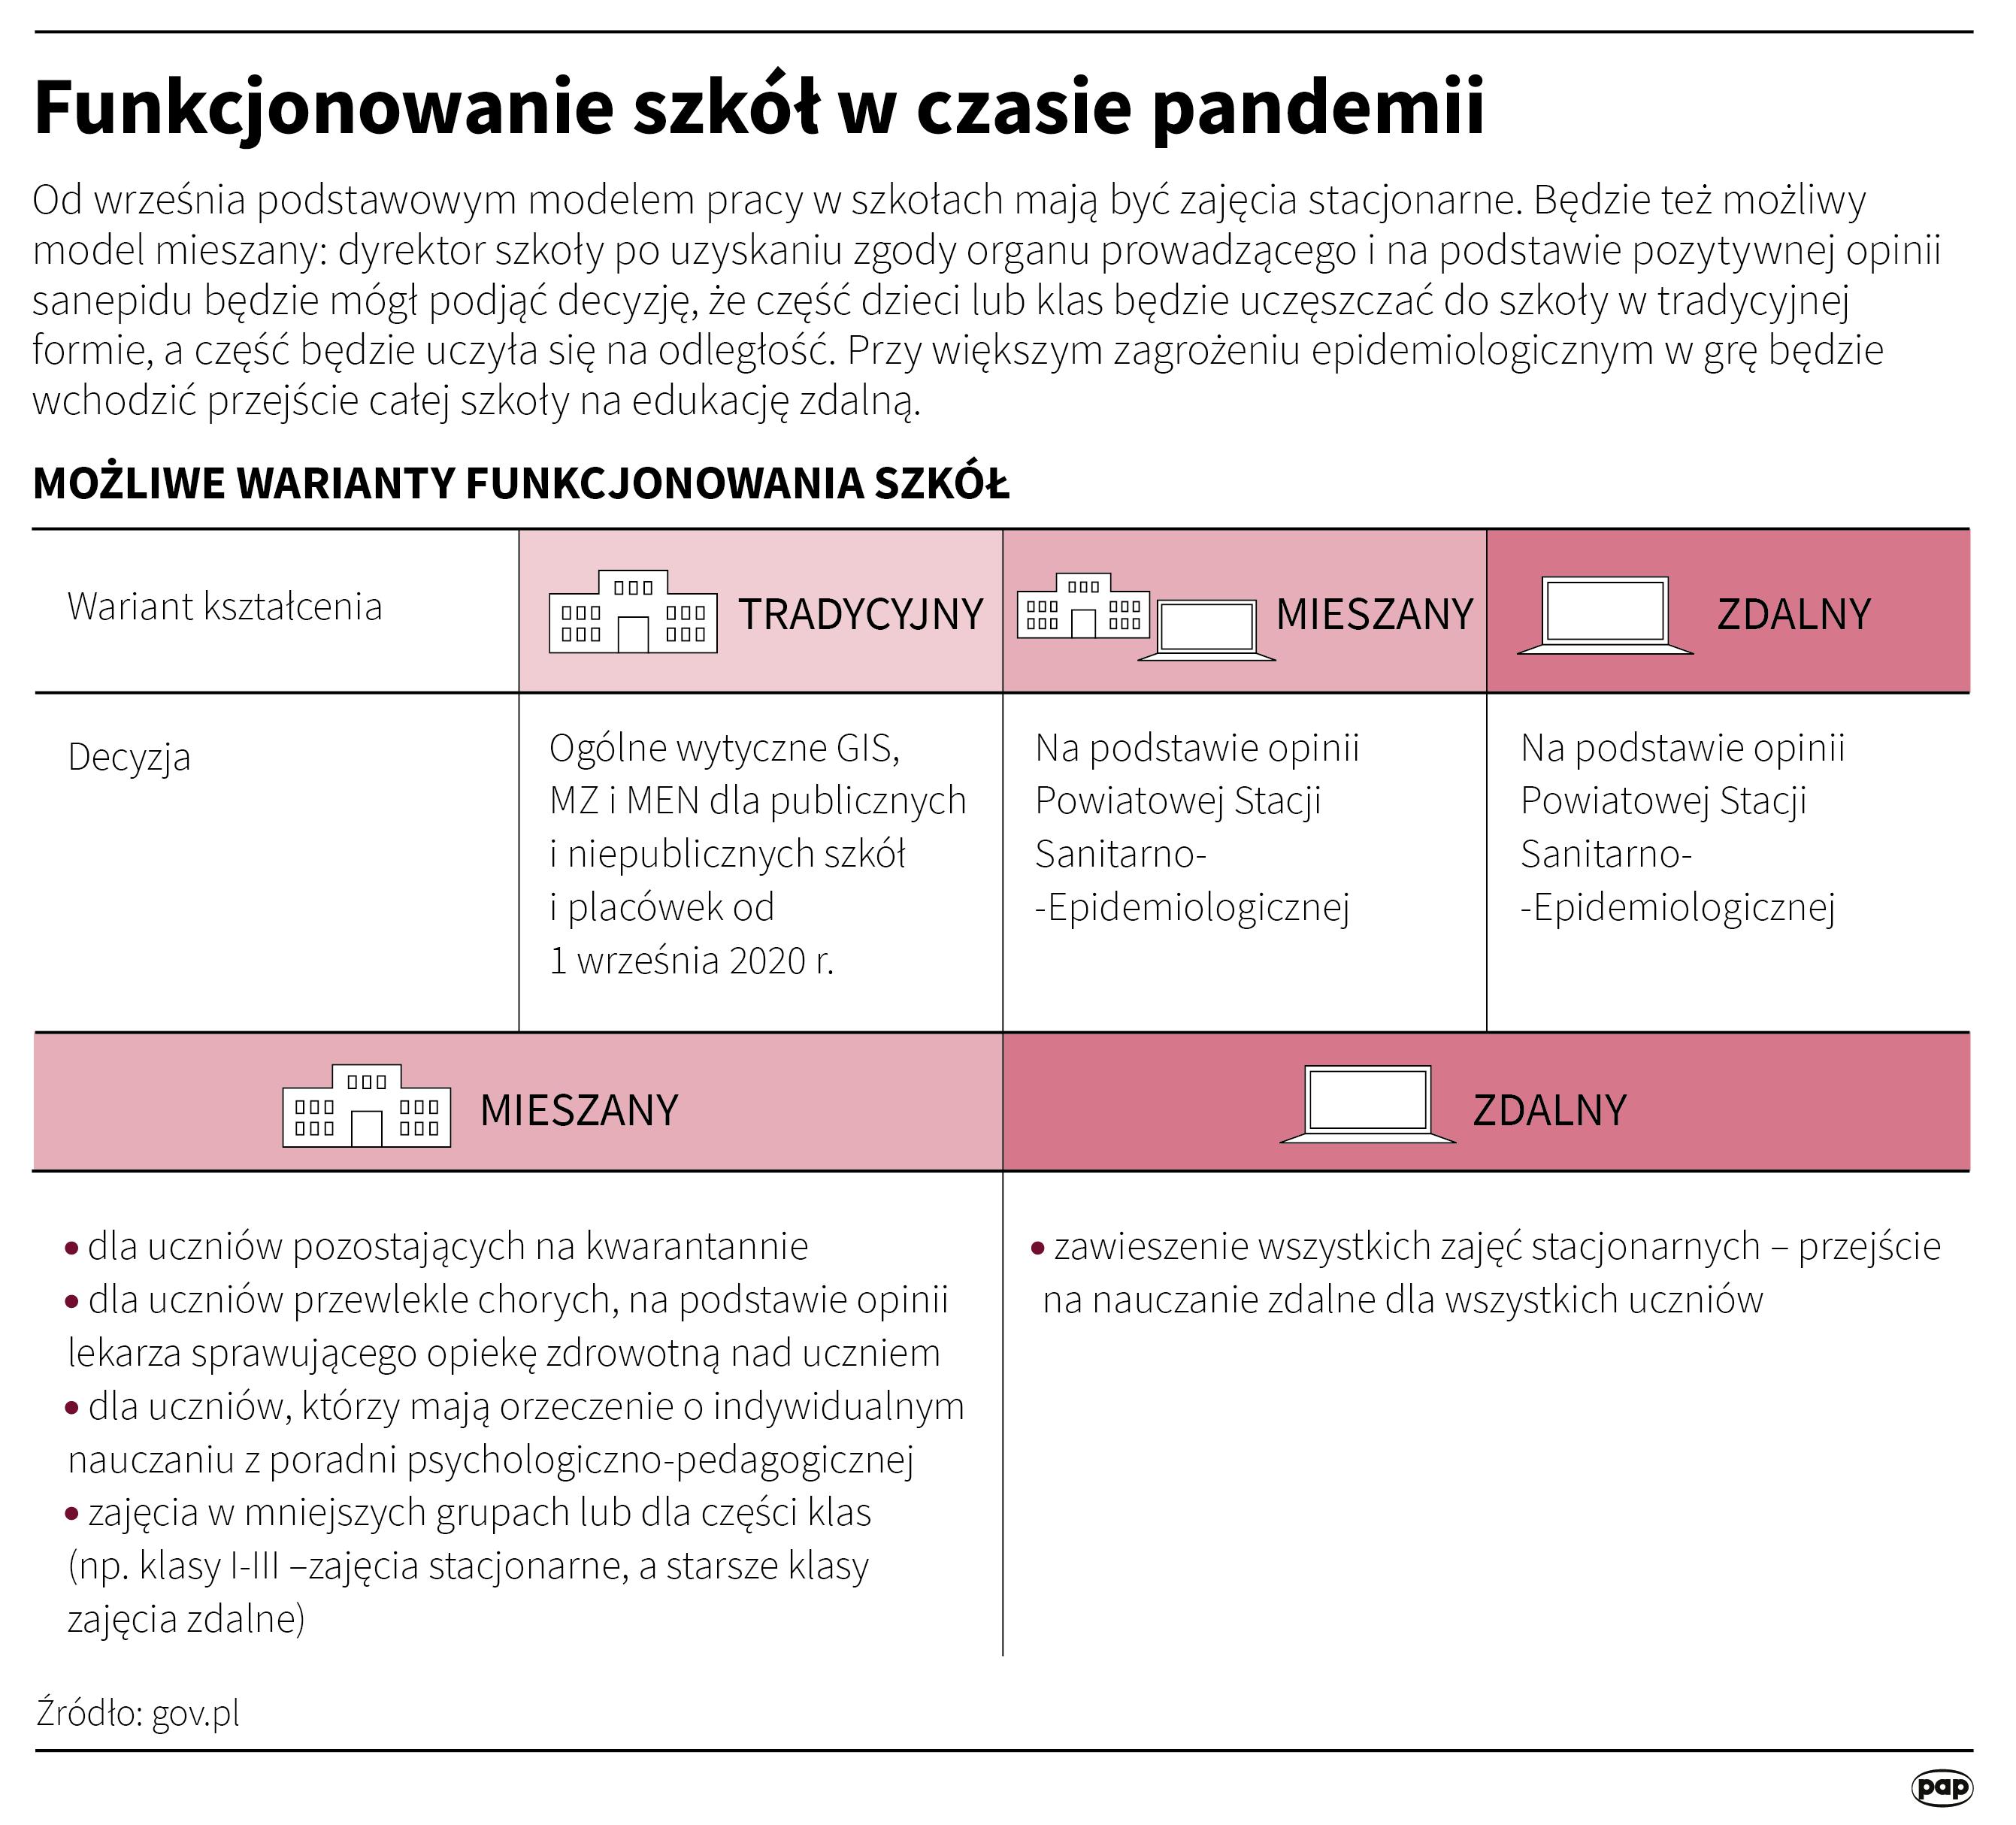 Od września podstawowym modelem pracy w szkołach mają być zajęcia stacjonarne (opr. Maria Samczuk/PAP)